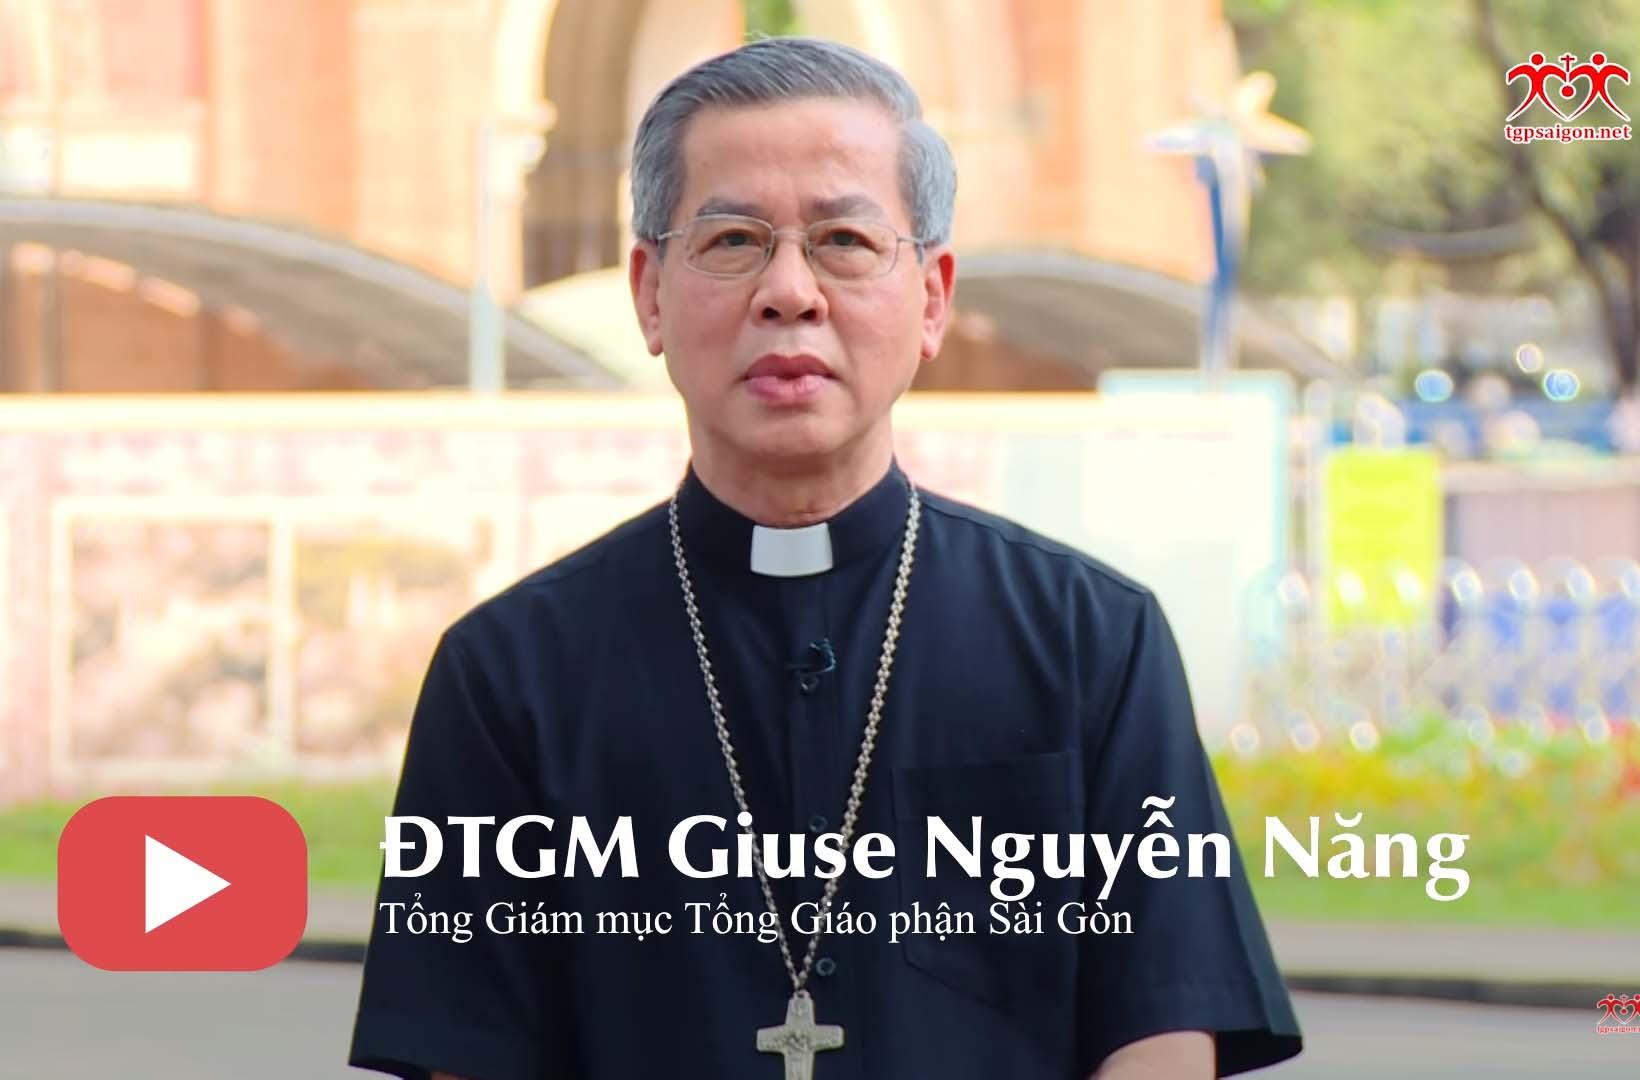 Caritas TGP Sài Gòn: chung tay lan tỏa yêu thương giữa đại dịch covid-19